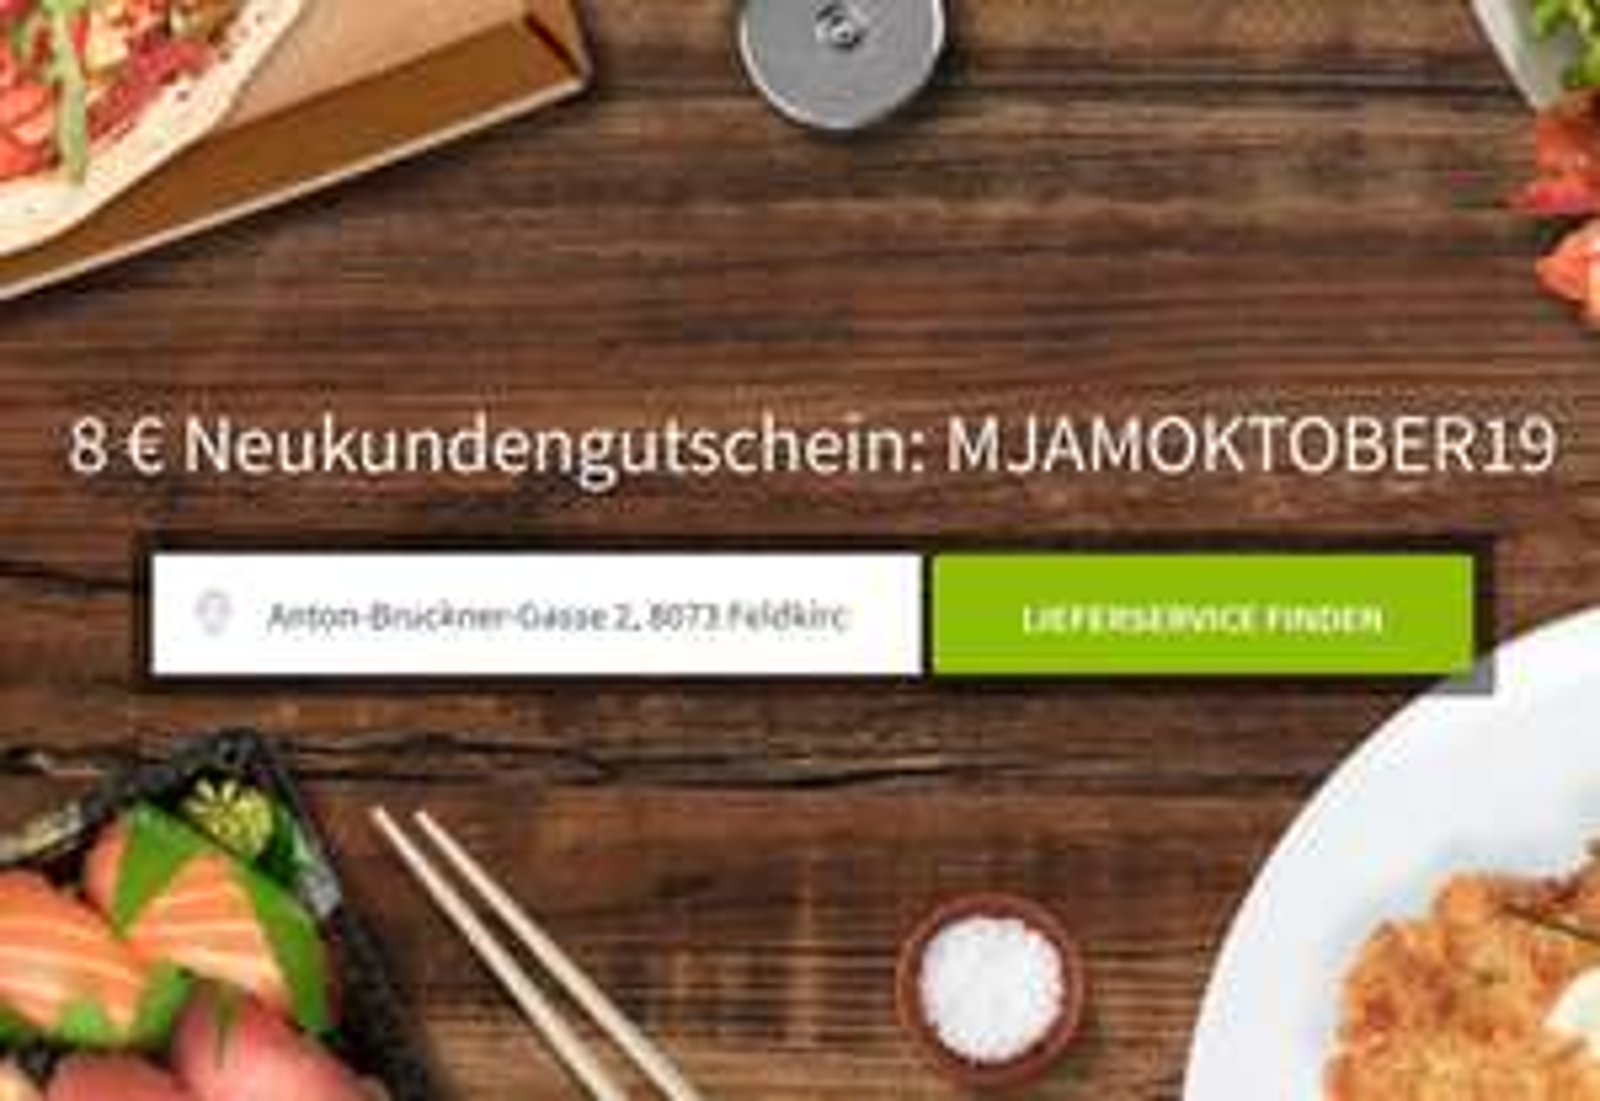 8 € MJAM Gutschein für Neukunden (Mindestbestellwert 12 €)